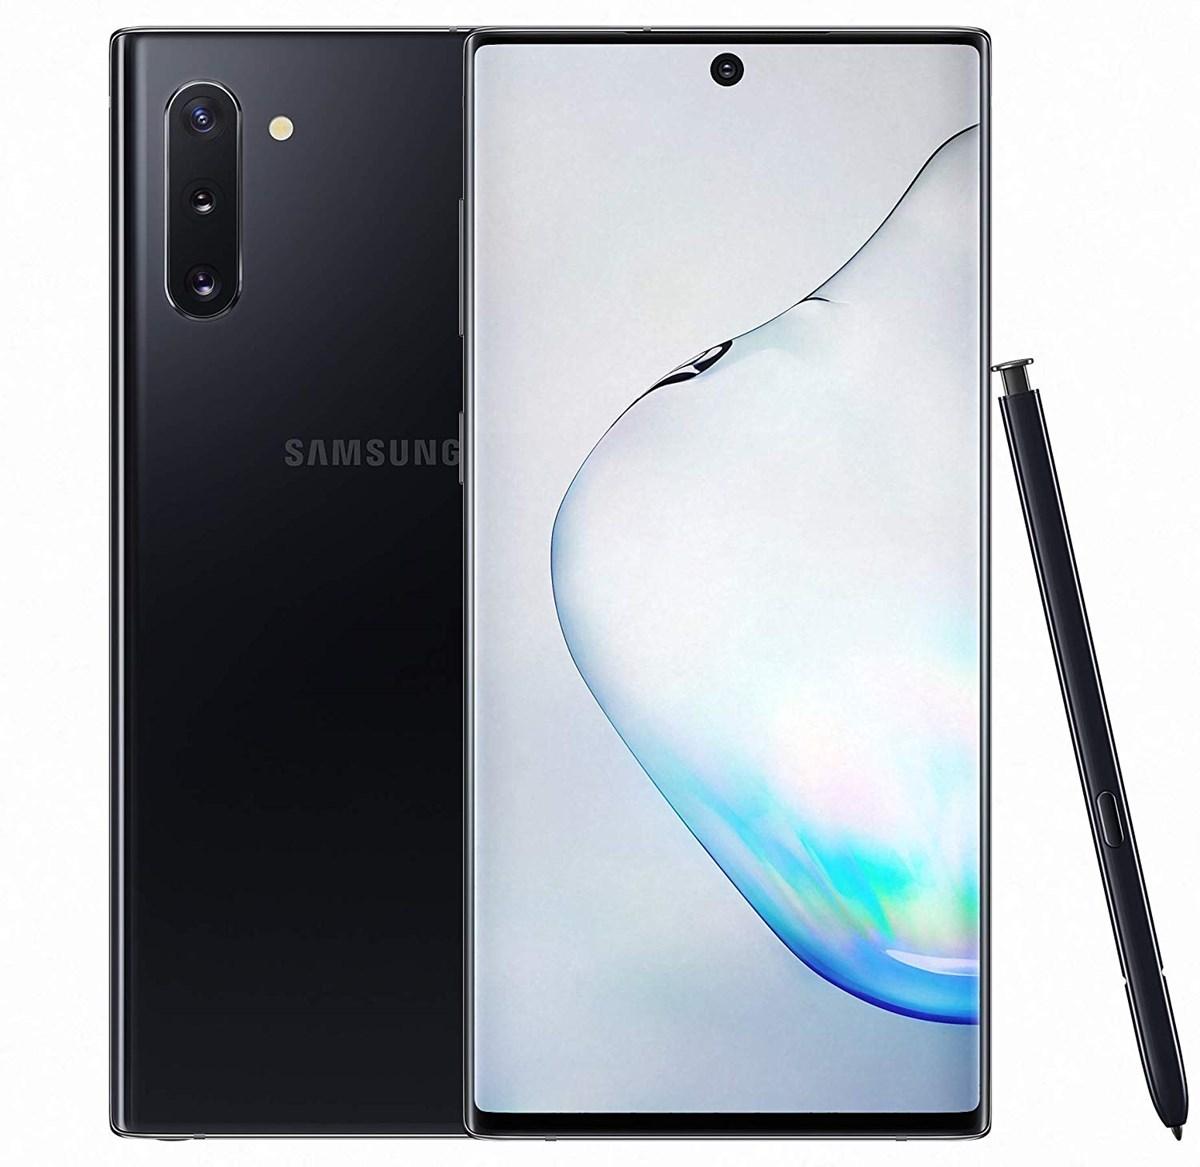 Samsung Galaxy Note10 N970F 8GB/256GB - Black